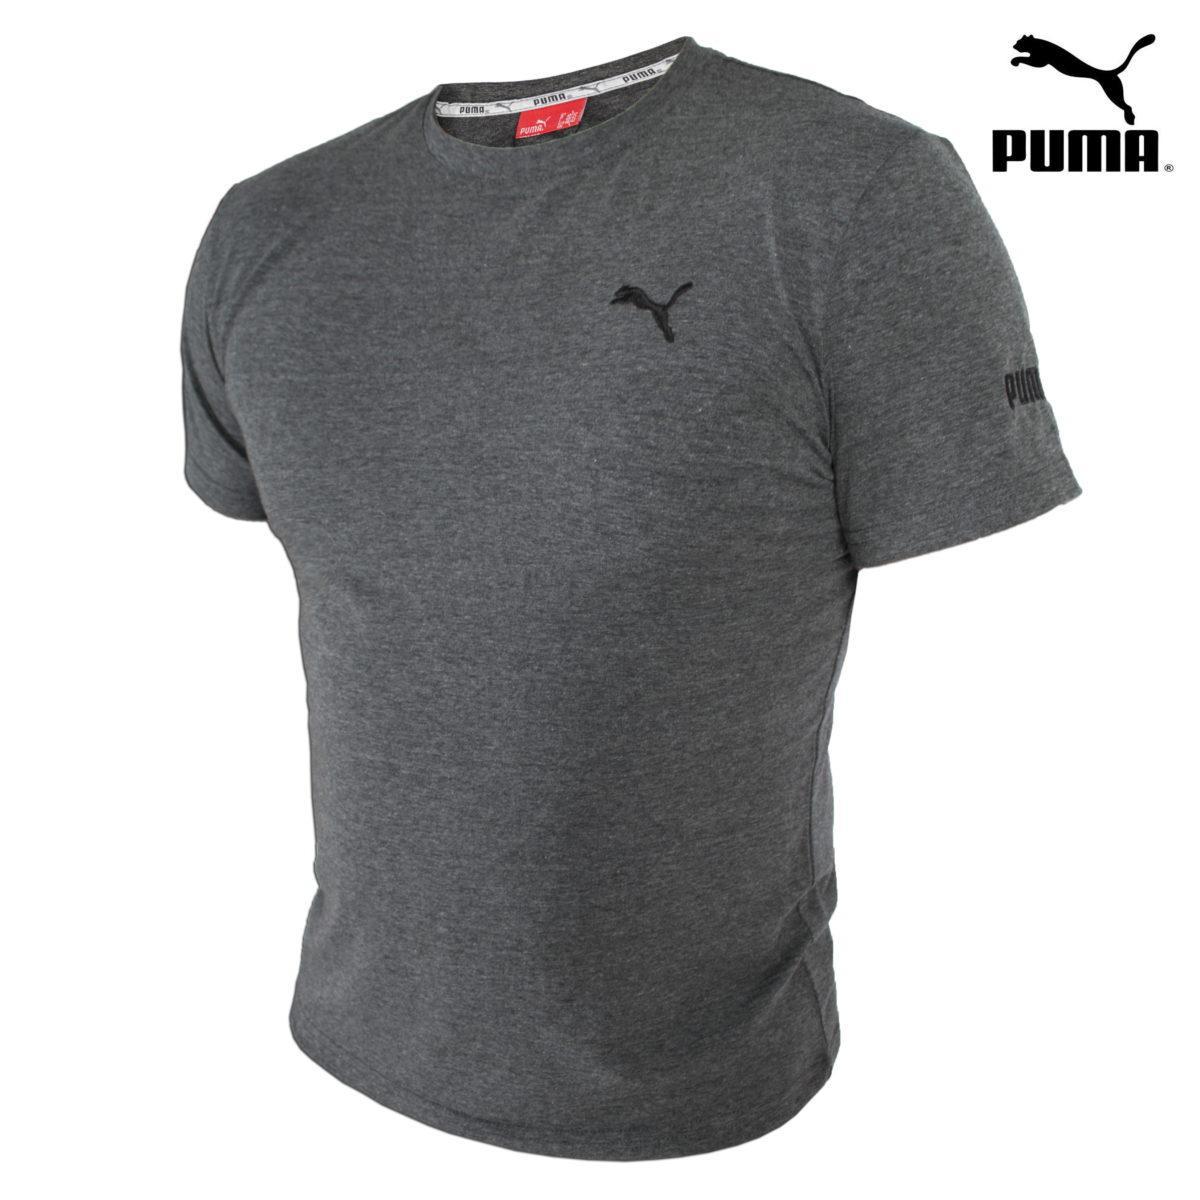 Мужская футболка. Реплика PUMA. Мужская одежда